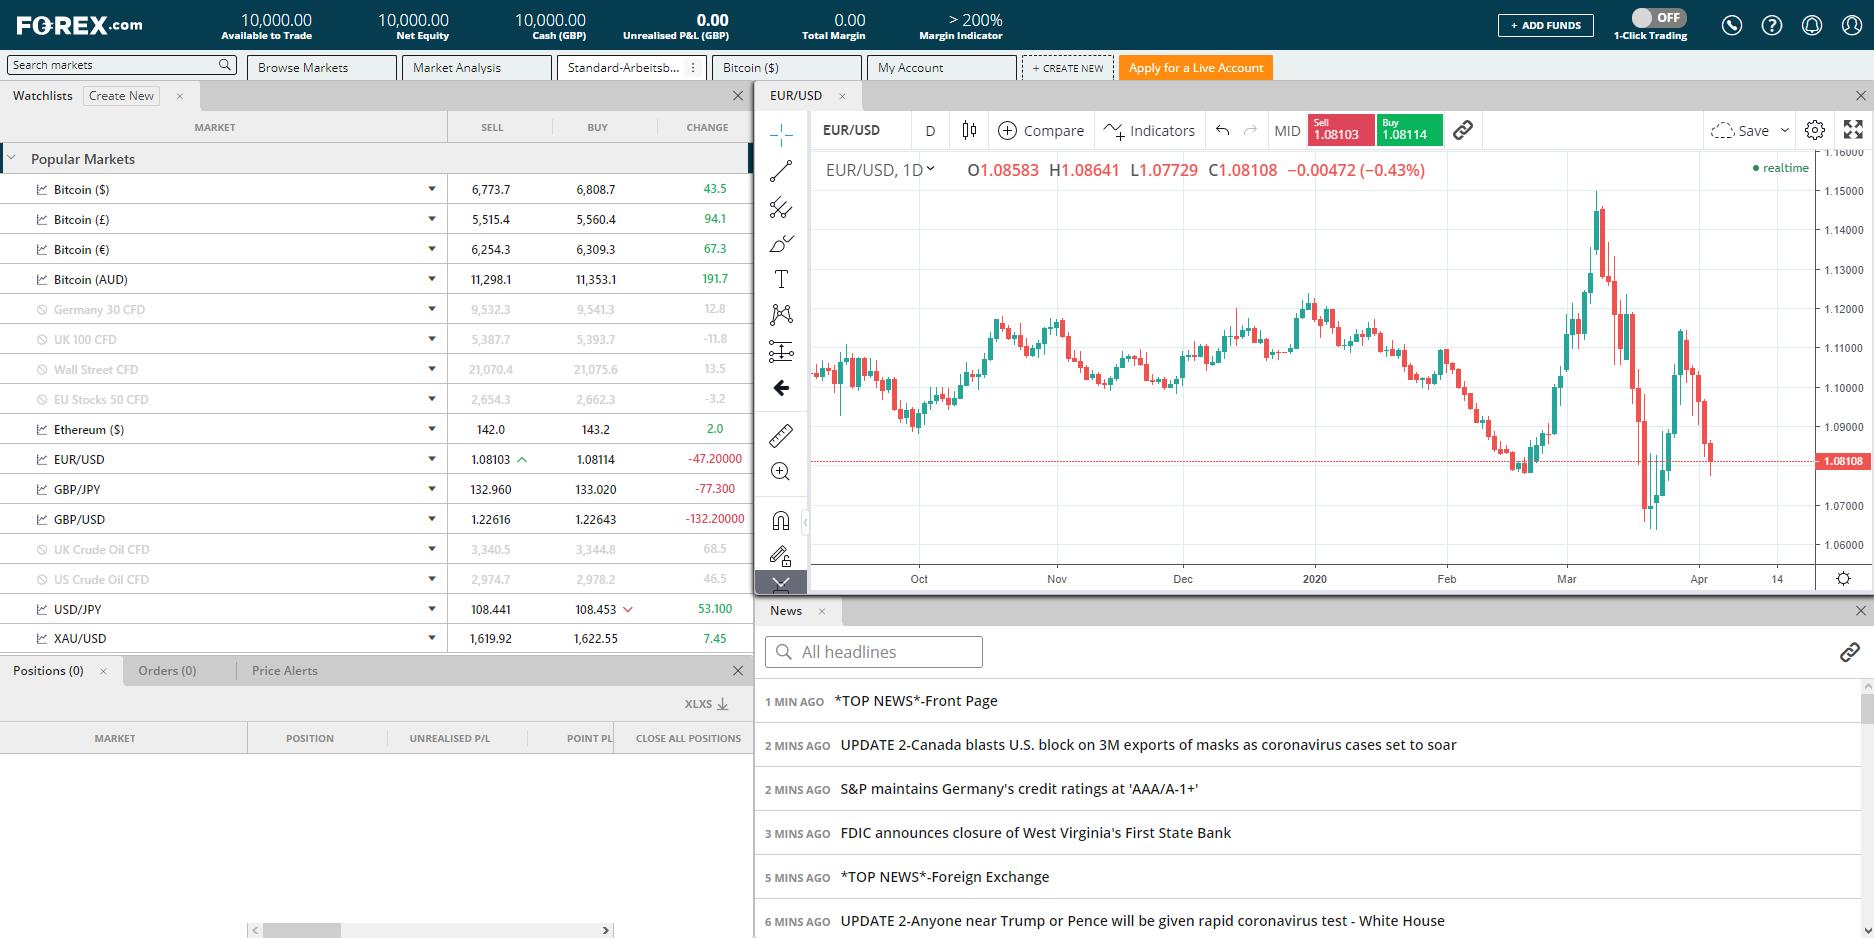 Screenshot della piattaforma WebTrader Forex.com